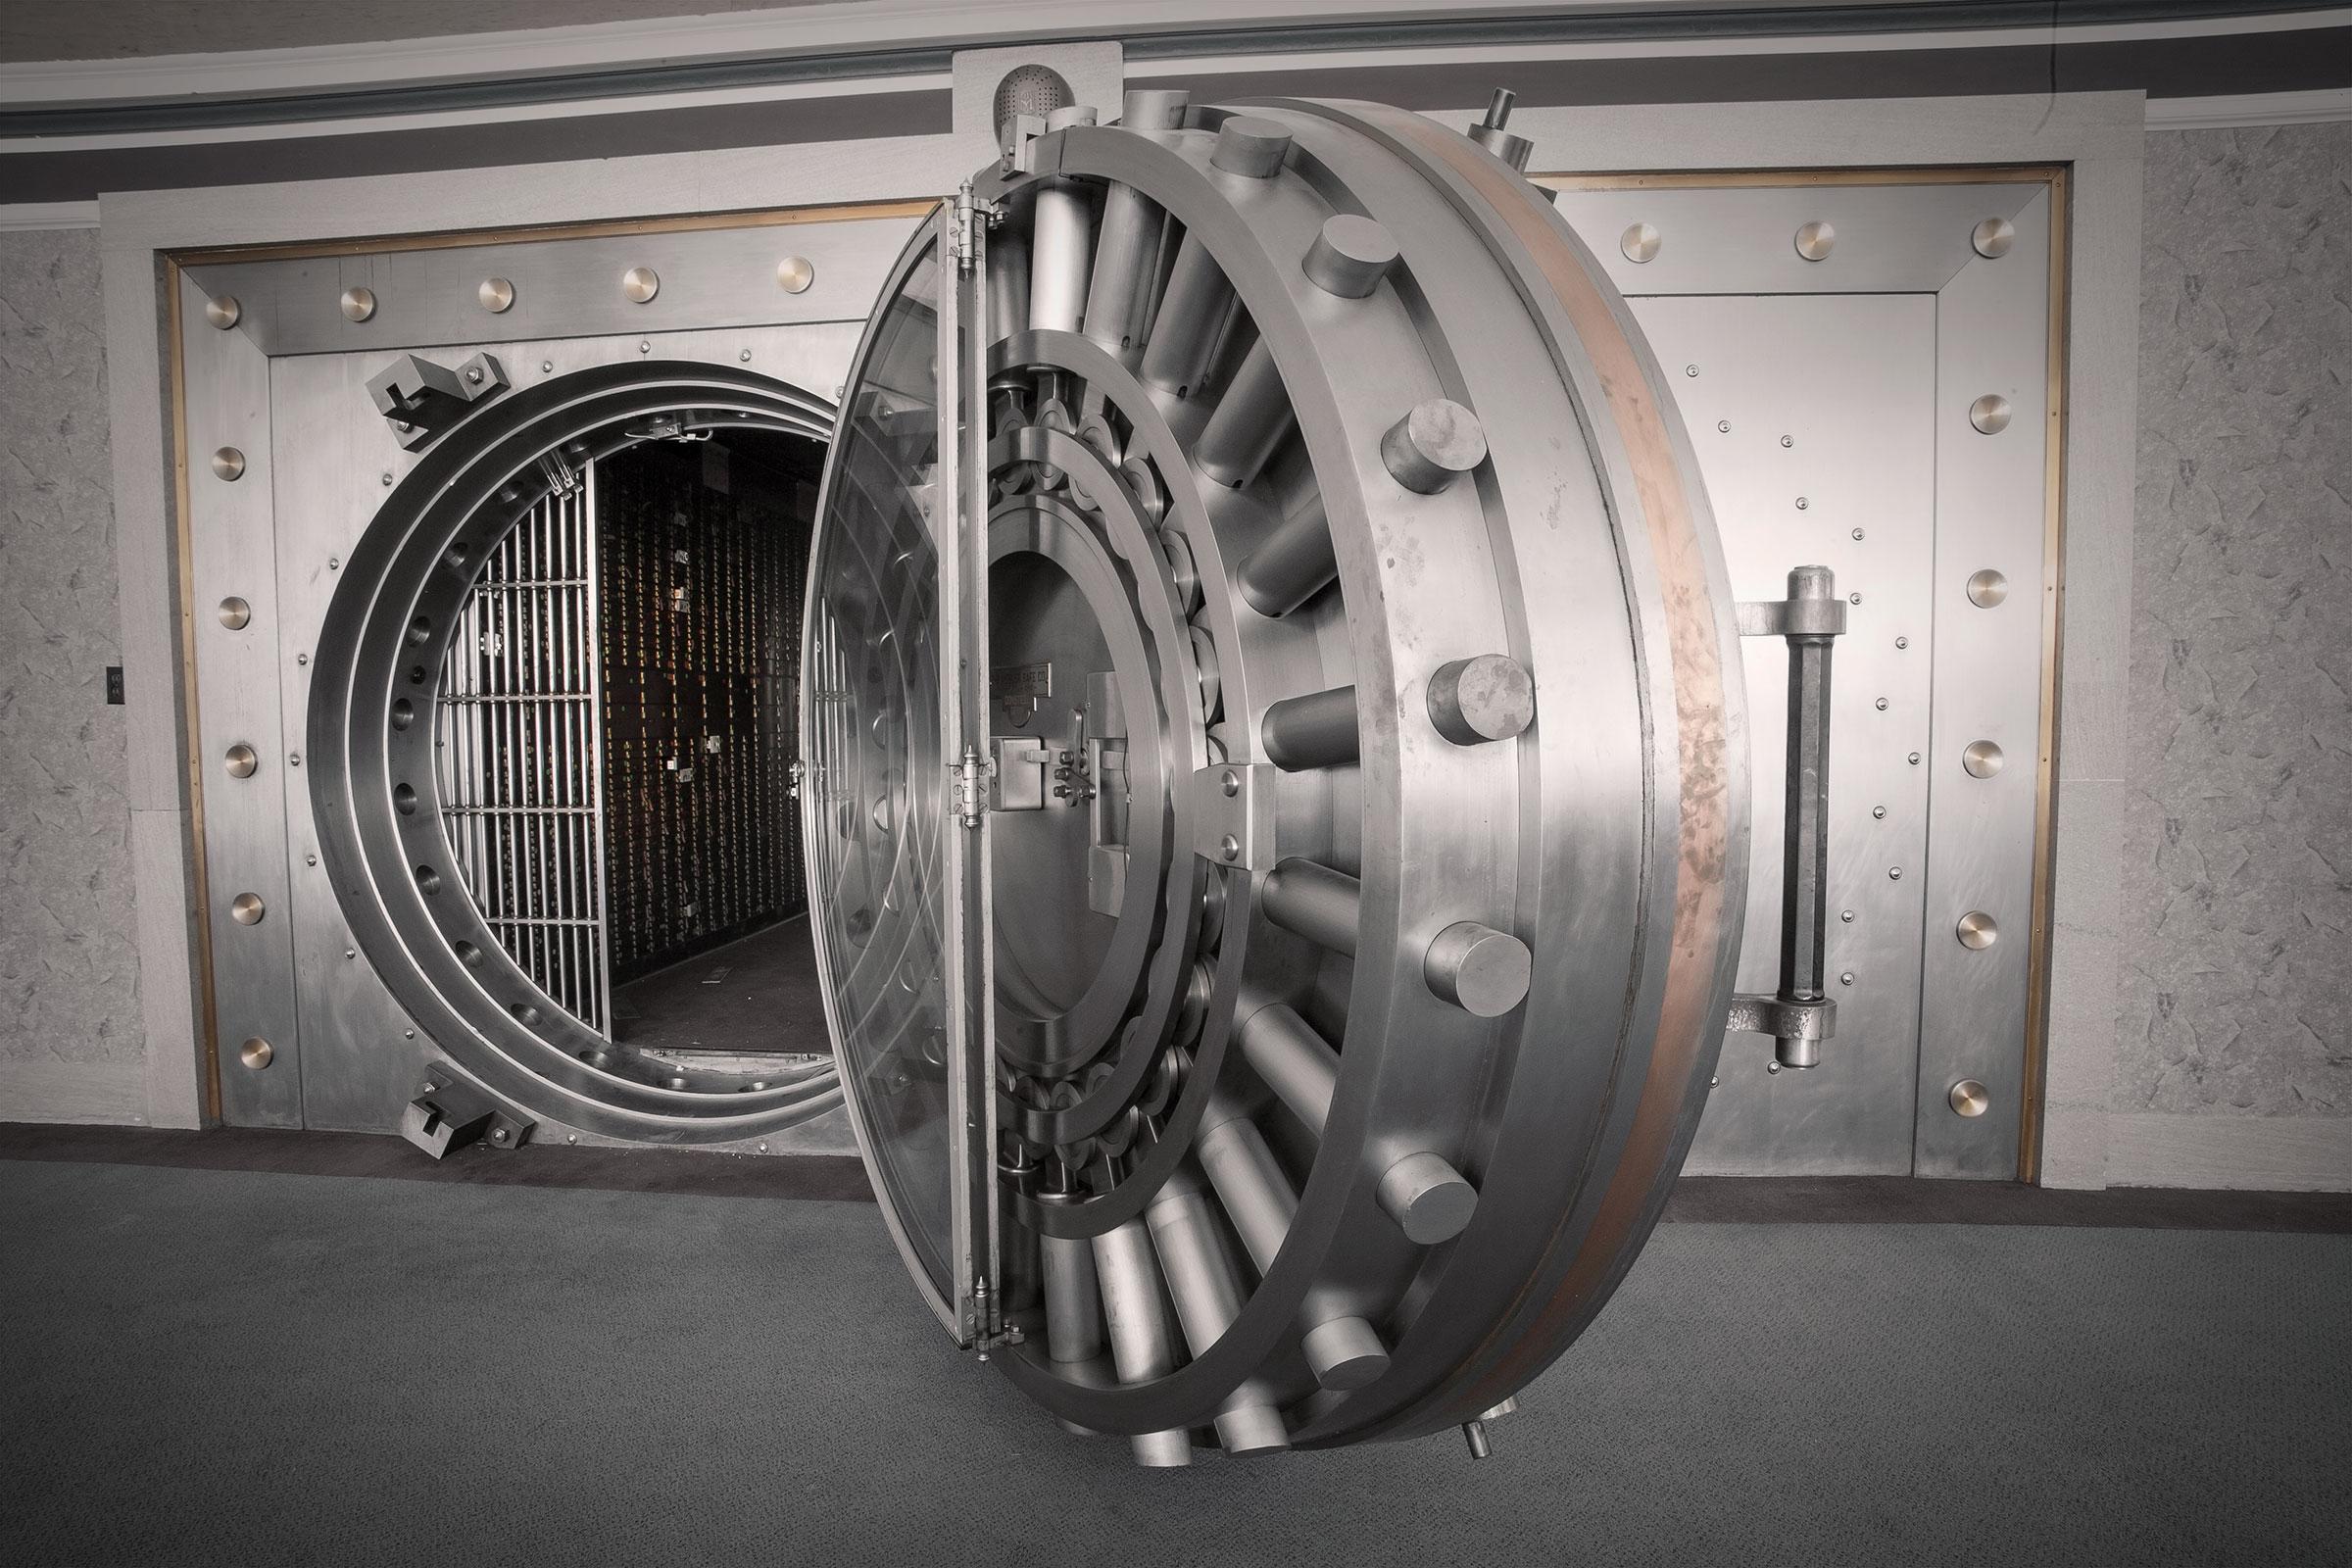 bogatii-lumii-revin-la-metodele-de-securitate-de-moda-veche-i